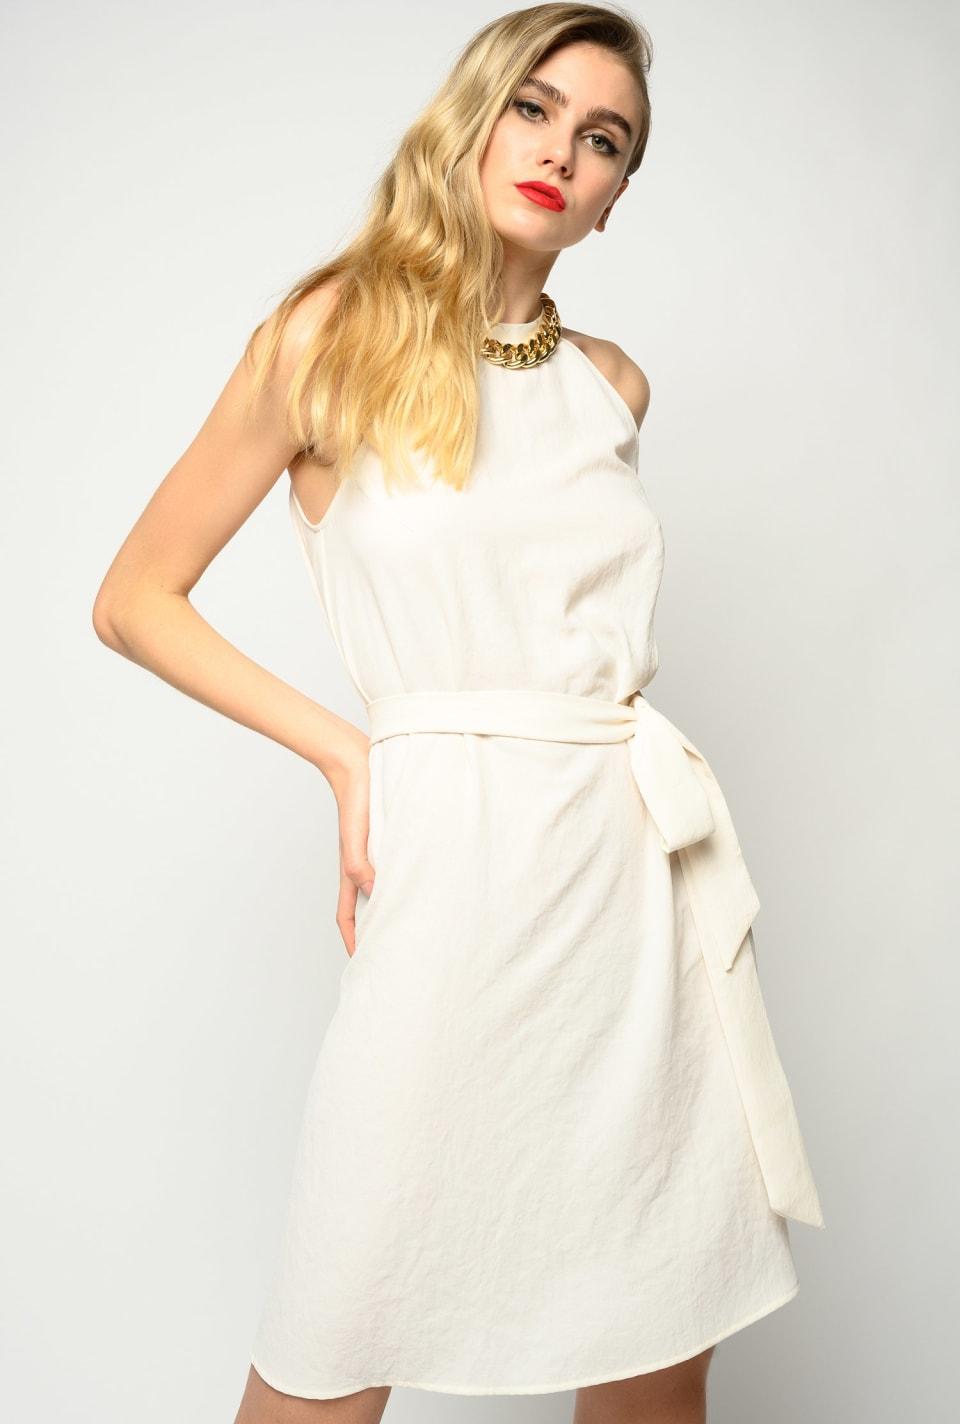 链条装饰挂颈式连衣裙 - Pinko